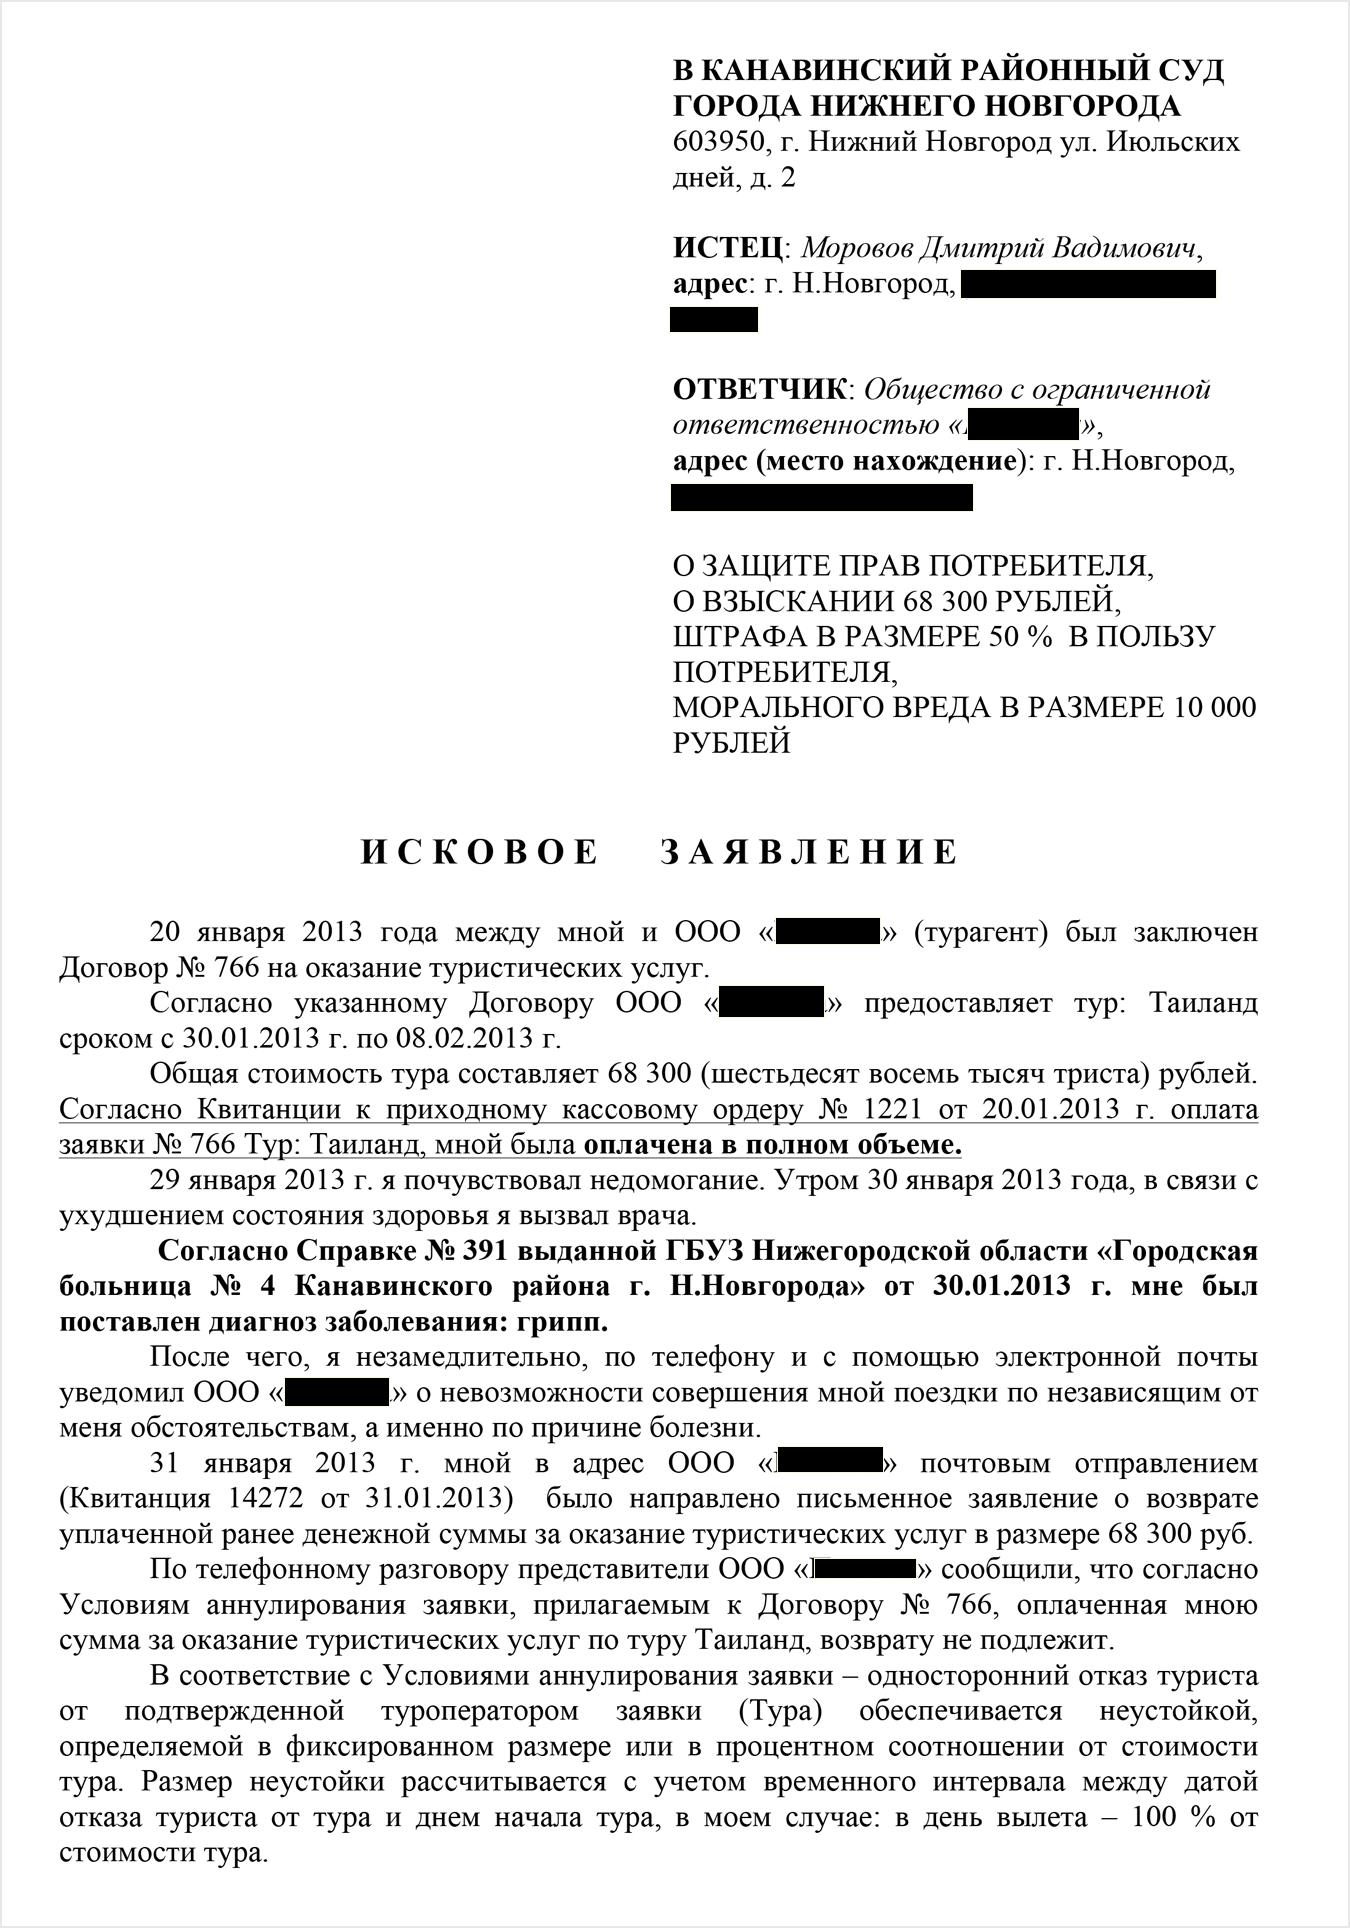 Исковое заявления заняло четыре страницы: в нём я описываю обстоятельства дела и обосновываю свои претензии ссылками на законы